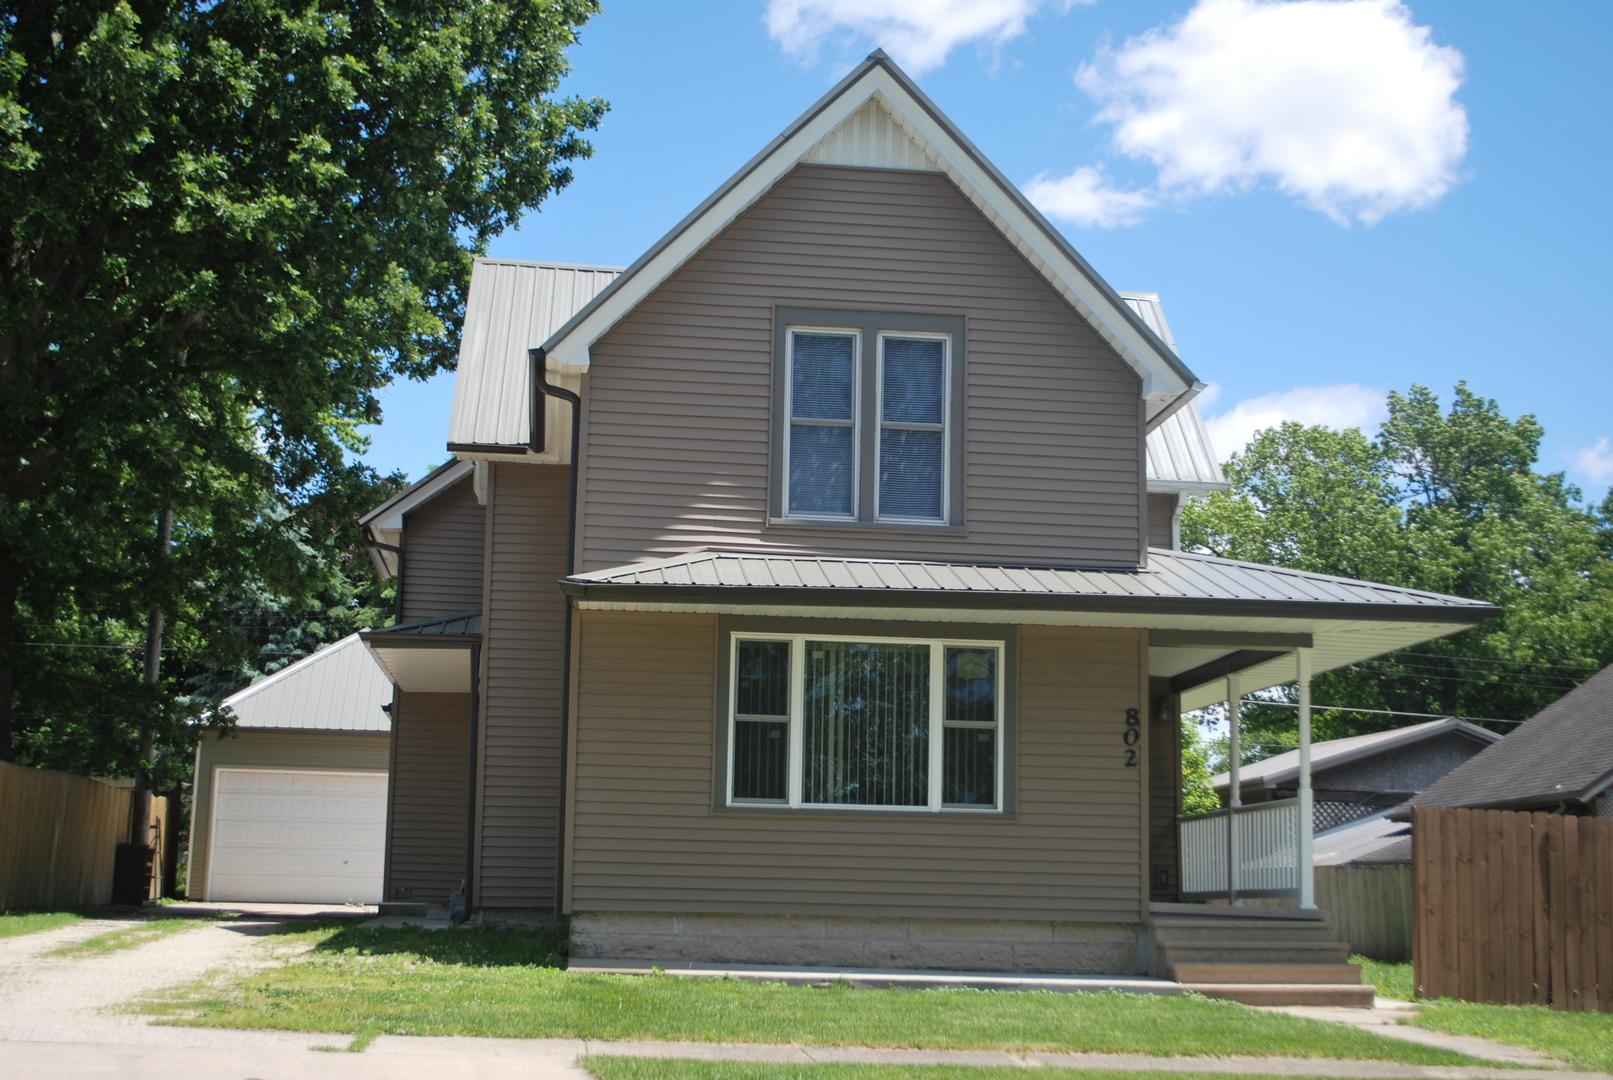 802 Douglas, ASHTON, Illinois, 61006